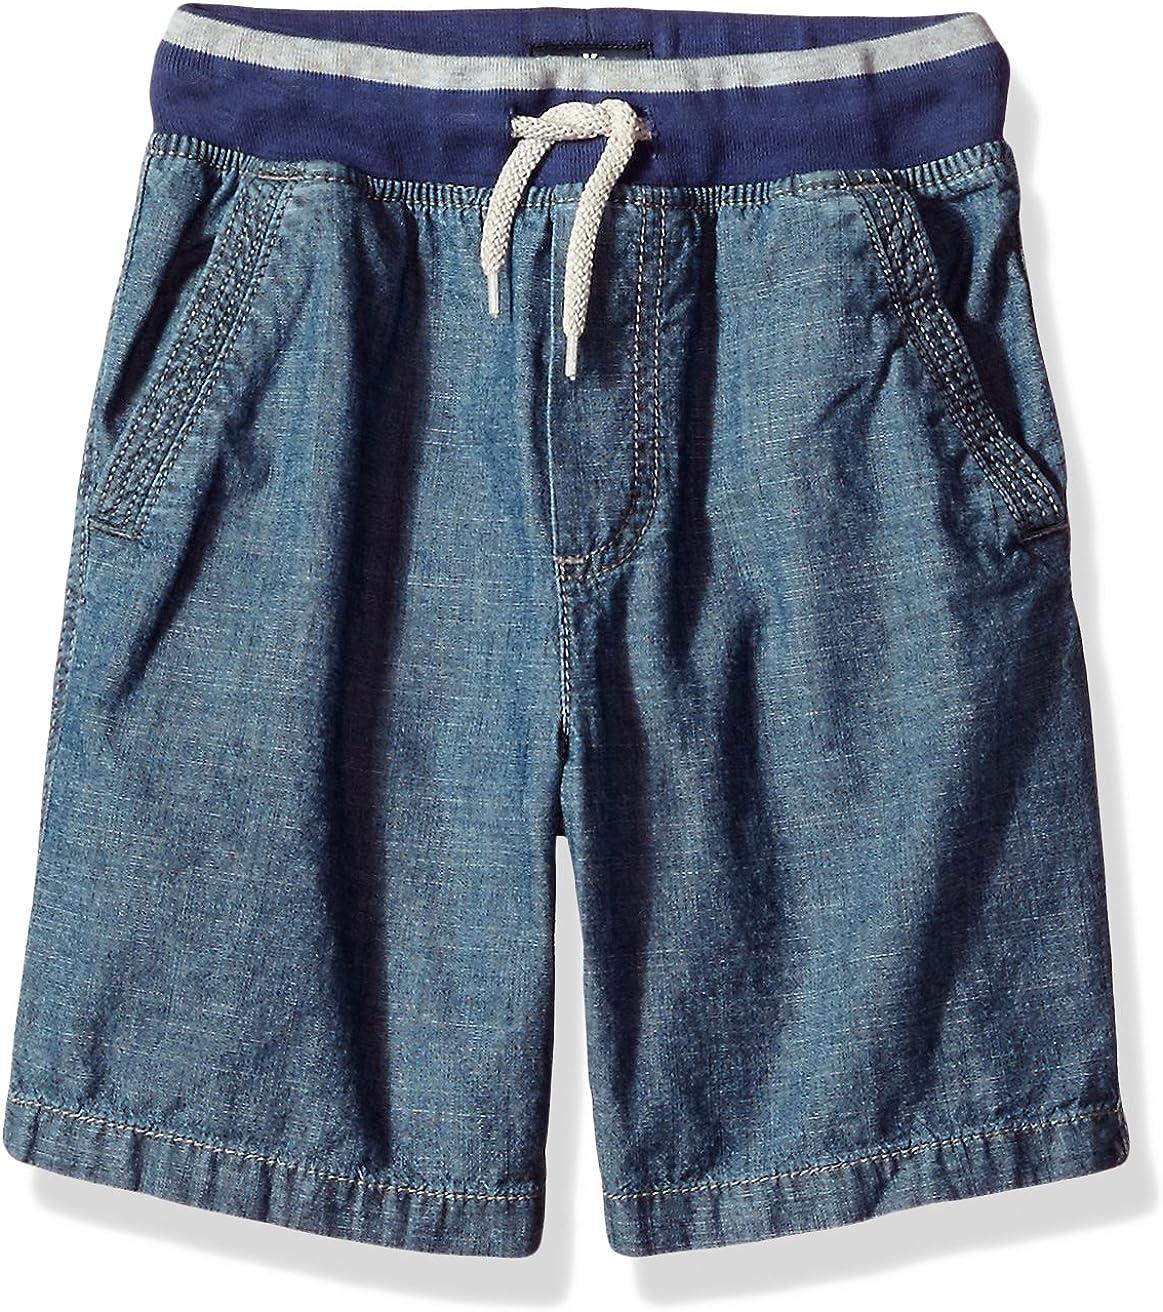 OshKosh B'Gosh Boys' Woven Short 31970210